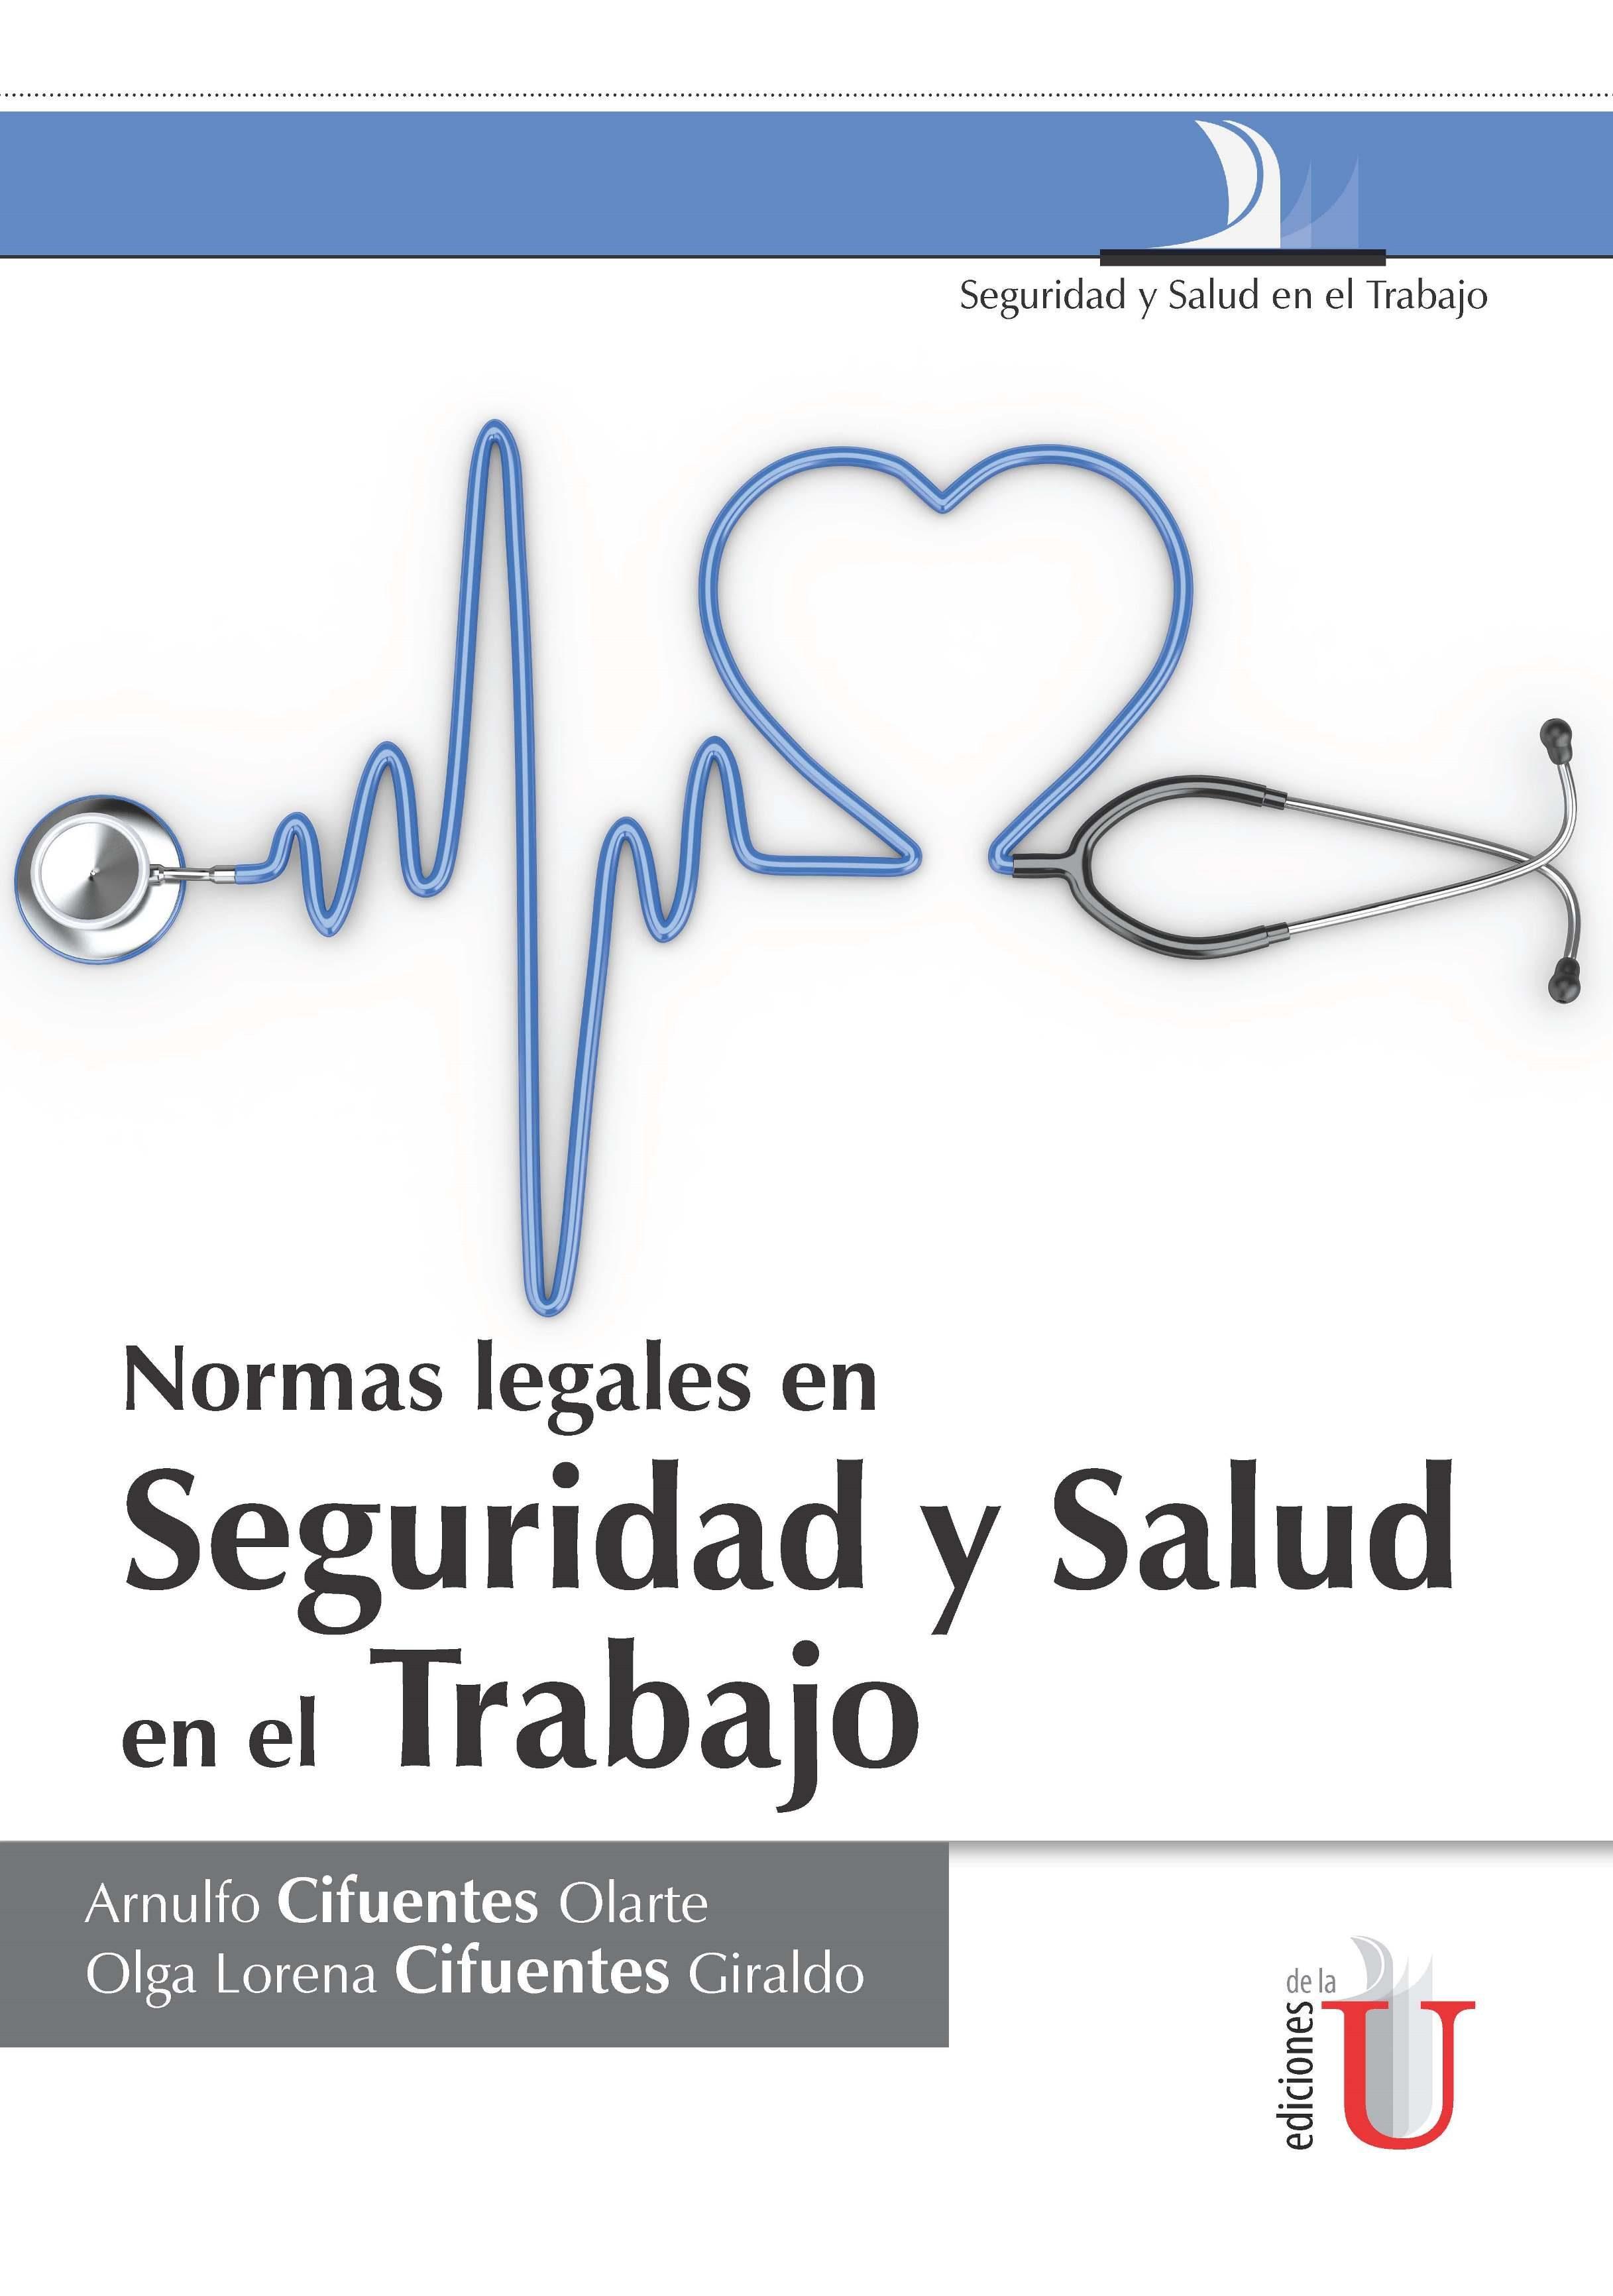 Normas Legales En Seguridad Y Salud En El Trabajo (ebook) · Ebooks · El  Corte Inglés e8b5249dae88